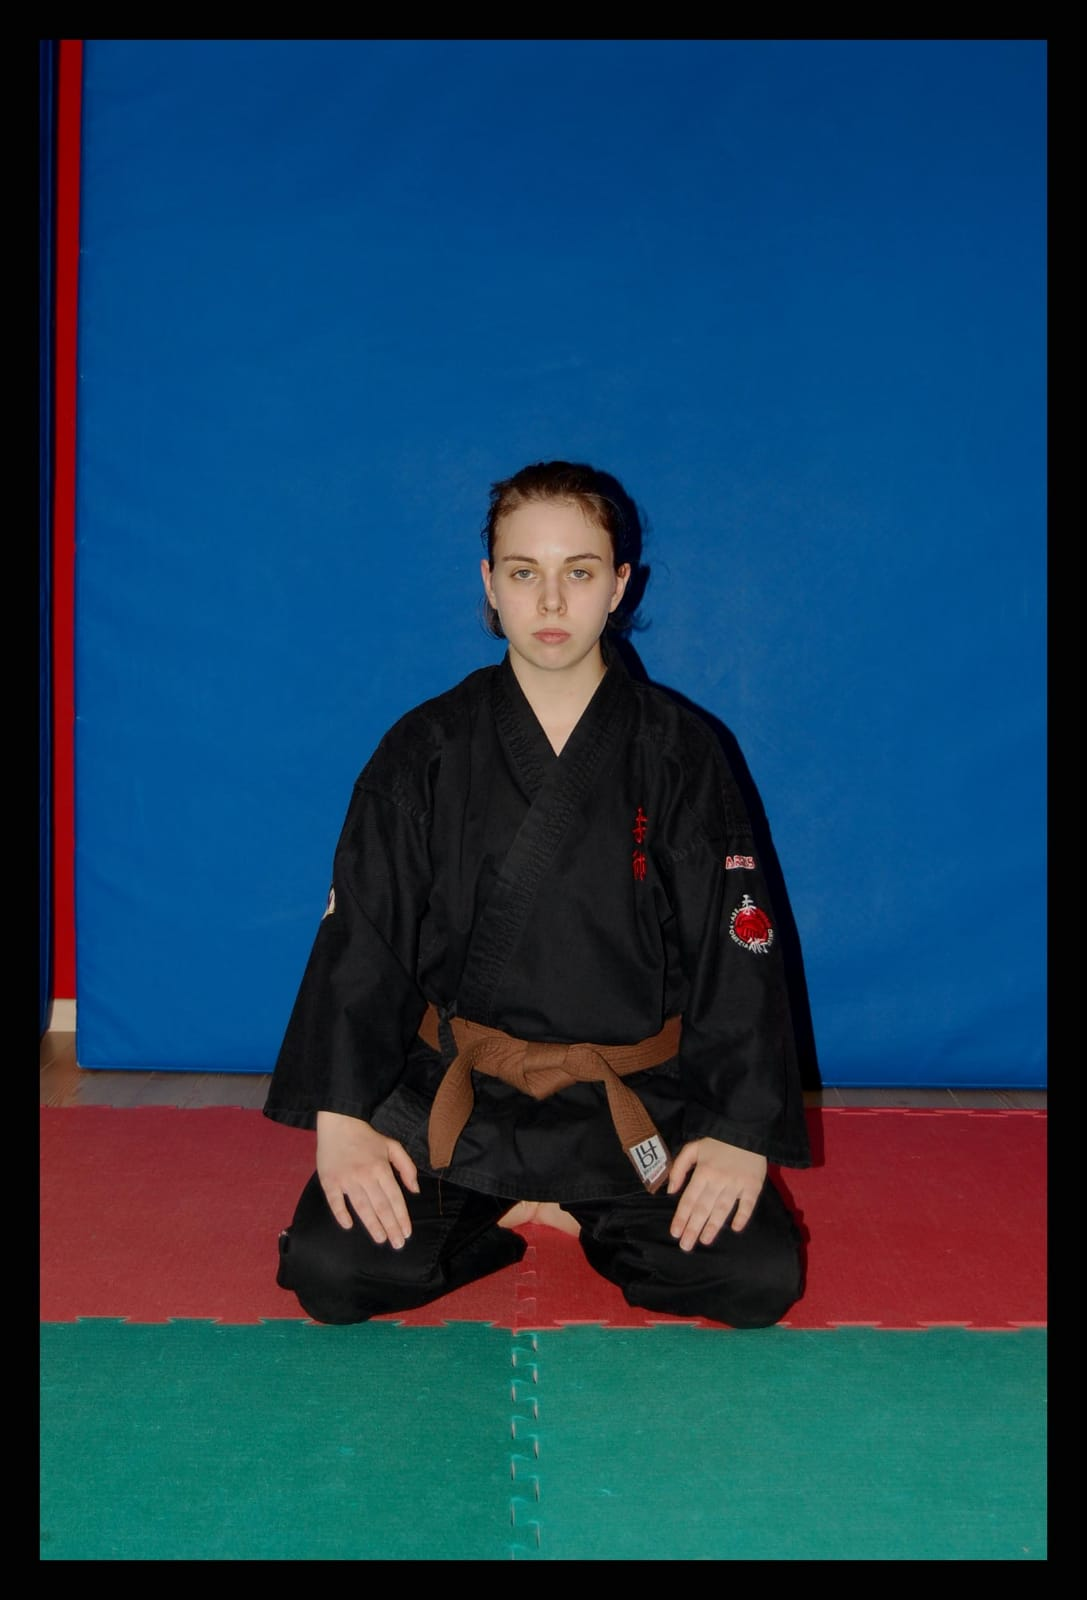 Organigramma aiuto istruttore settore jujitsu integrato